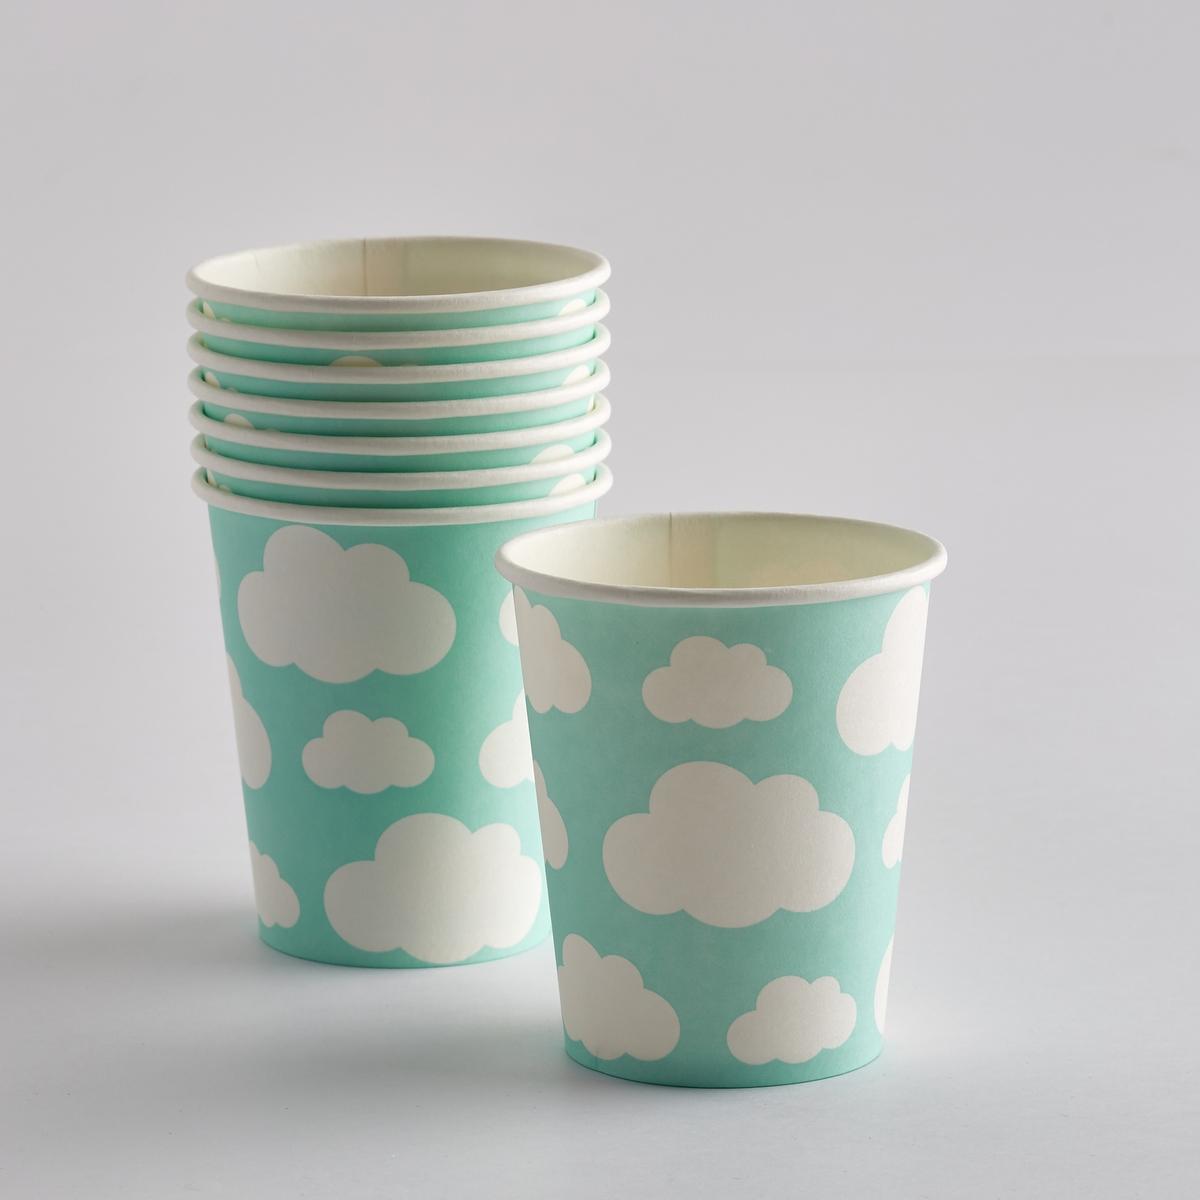 Комплект из 8 стаканчиков из картона CimelaХарактеристики 8 стаканчиков из картона Cimela с рисунком облака :Картон.Рисунок Облака.Размеры 8 стаканчиков из картона Cimela с рисунком облака :диаметр 8 x высота 9 см.Другие модели того же комплекта и наши коллекции предметов декора стола вы можете найти на сайте laredoute.ru<br><br>Цвет: рисунок синий/белый<br>Размер: единый размер